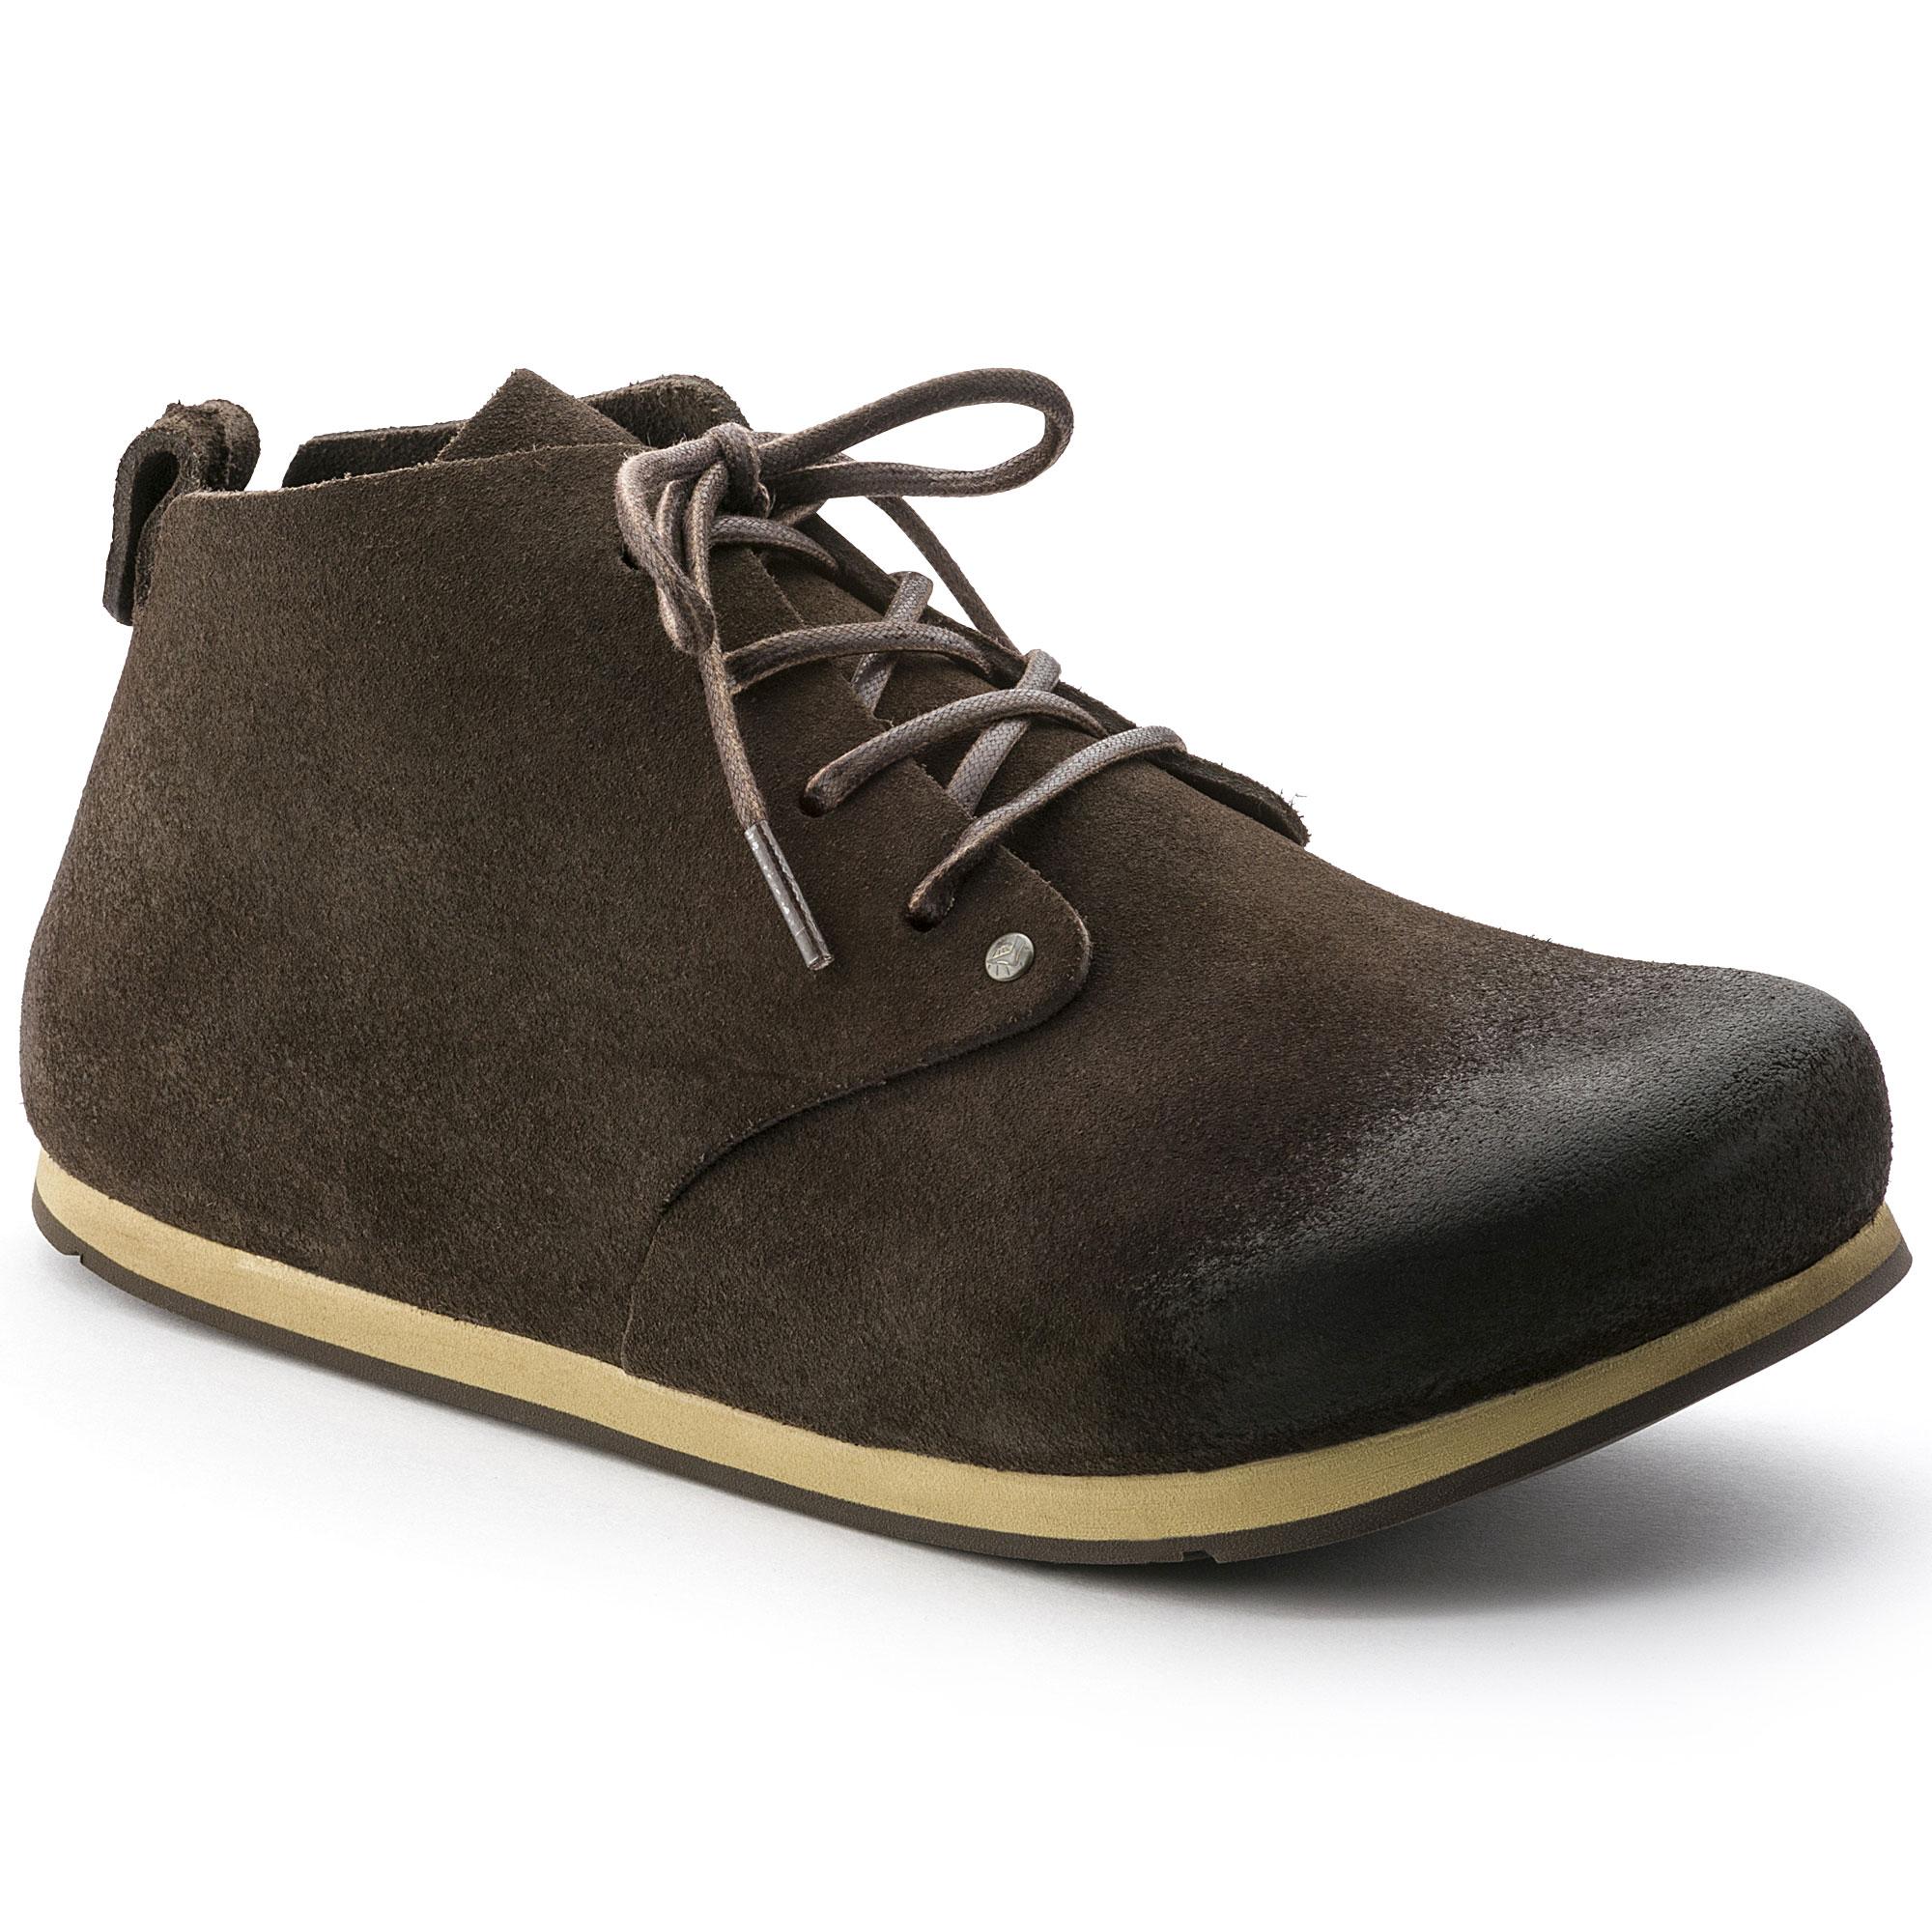 Birkenstock Maine - Zapatos de cordones de Piel para mujer Marrón Softy Brown, color Marrón, talla 39 EU